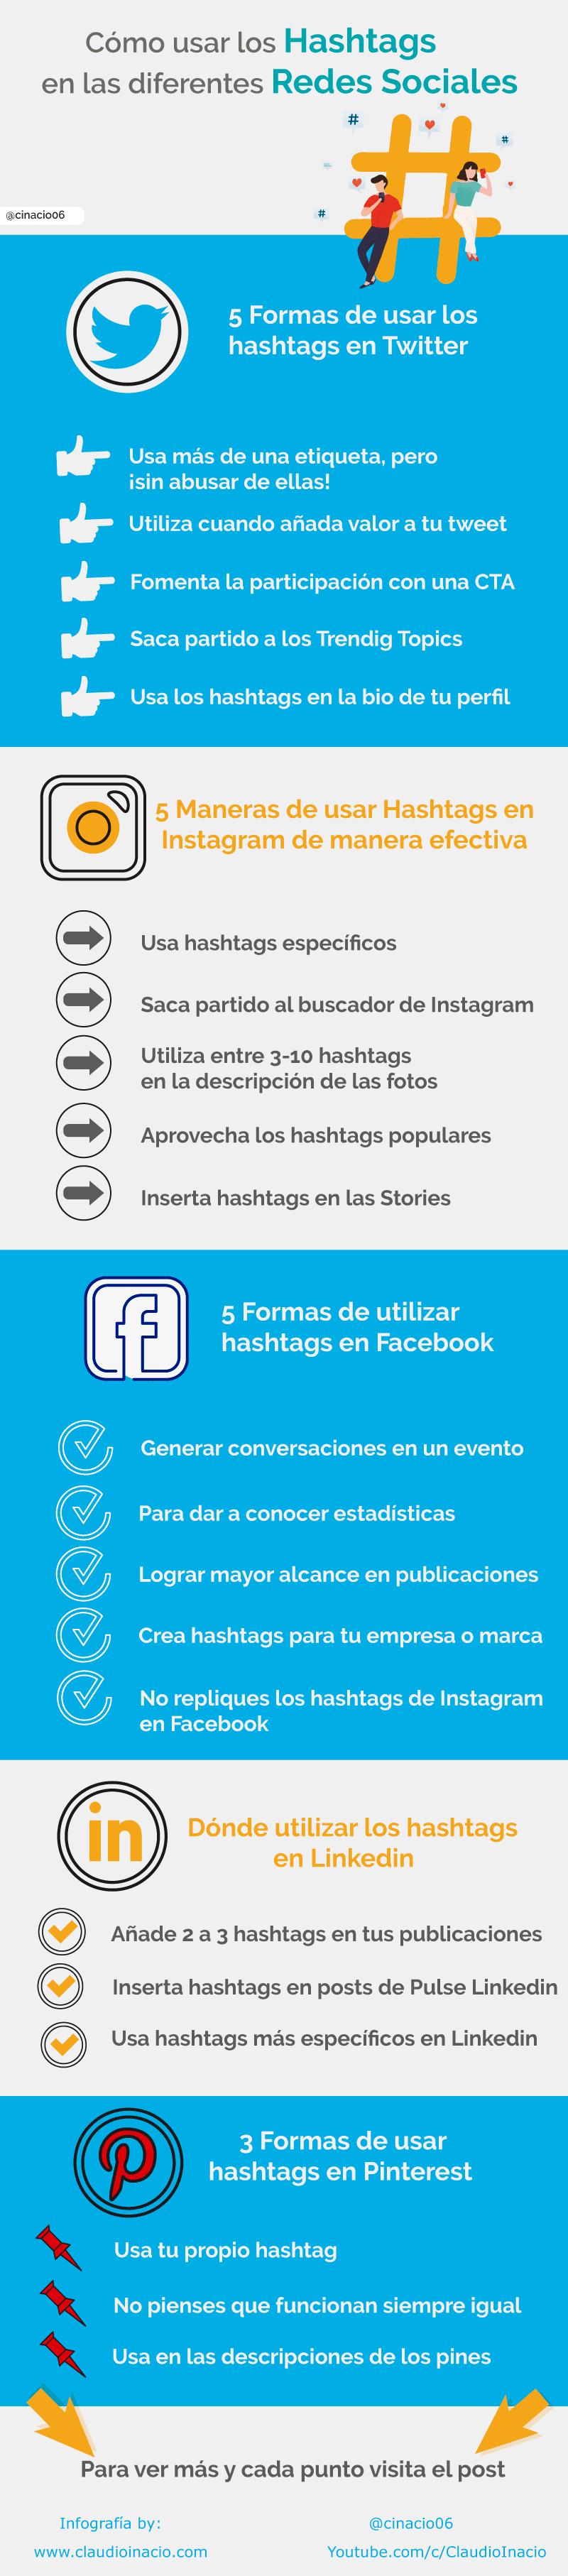 Infografia de cómo usar los hashtags en redes sociales